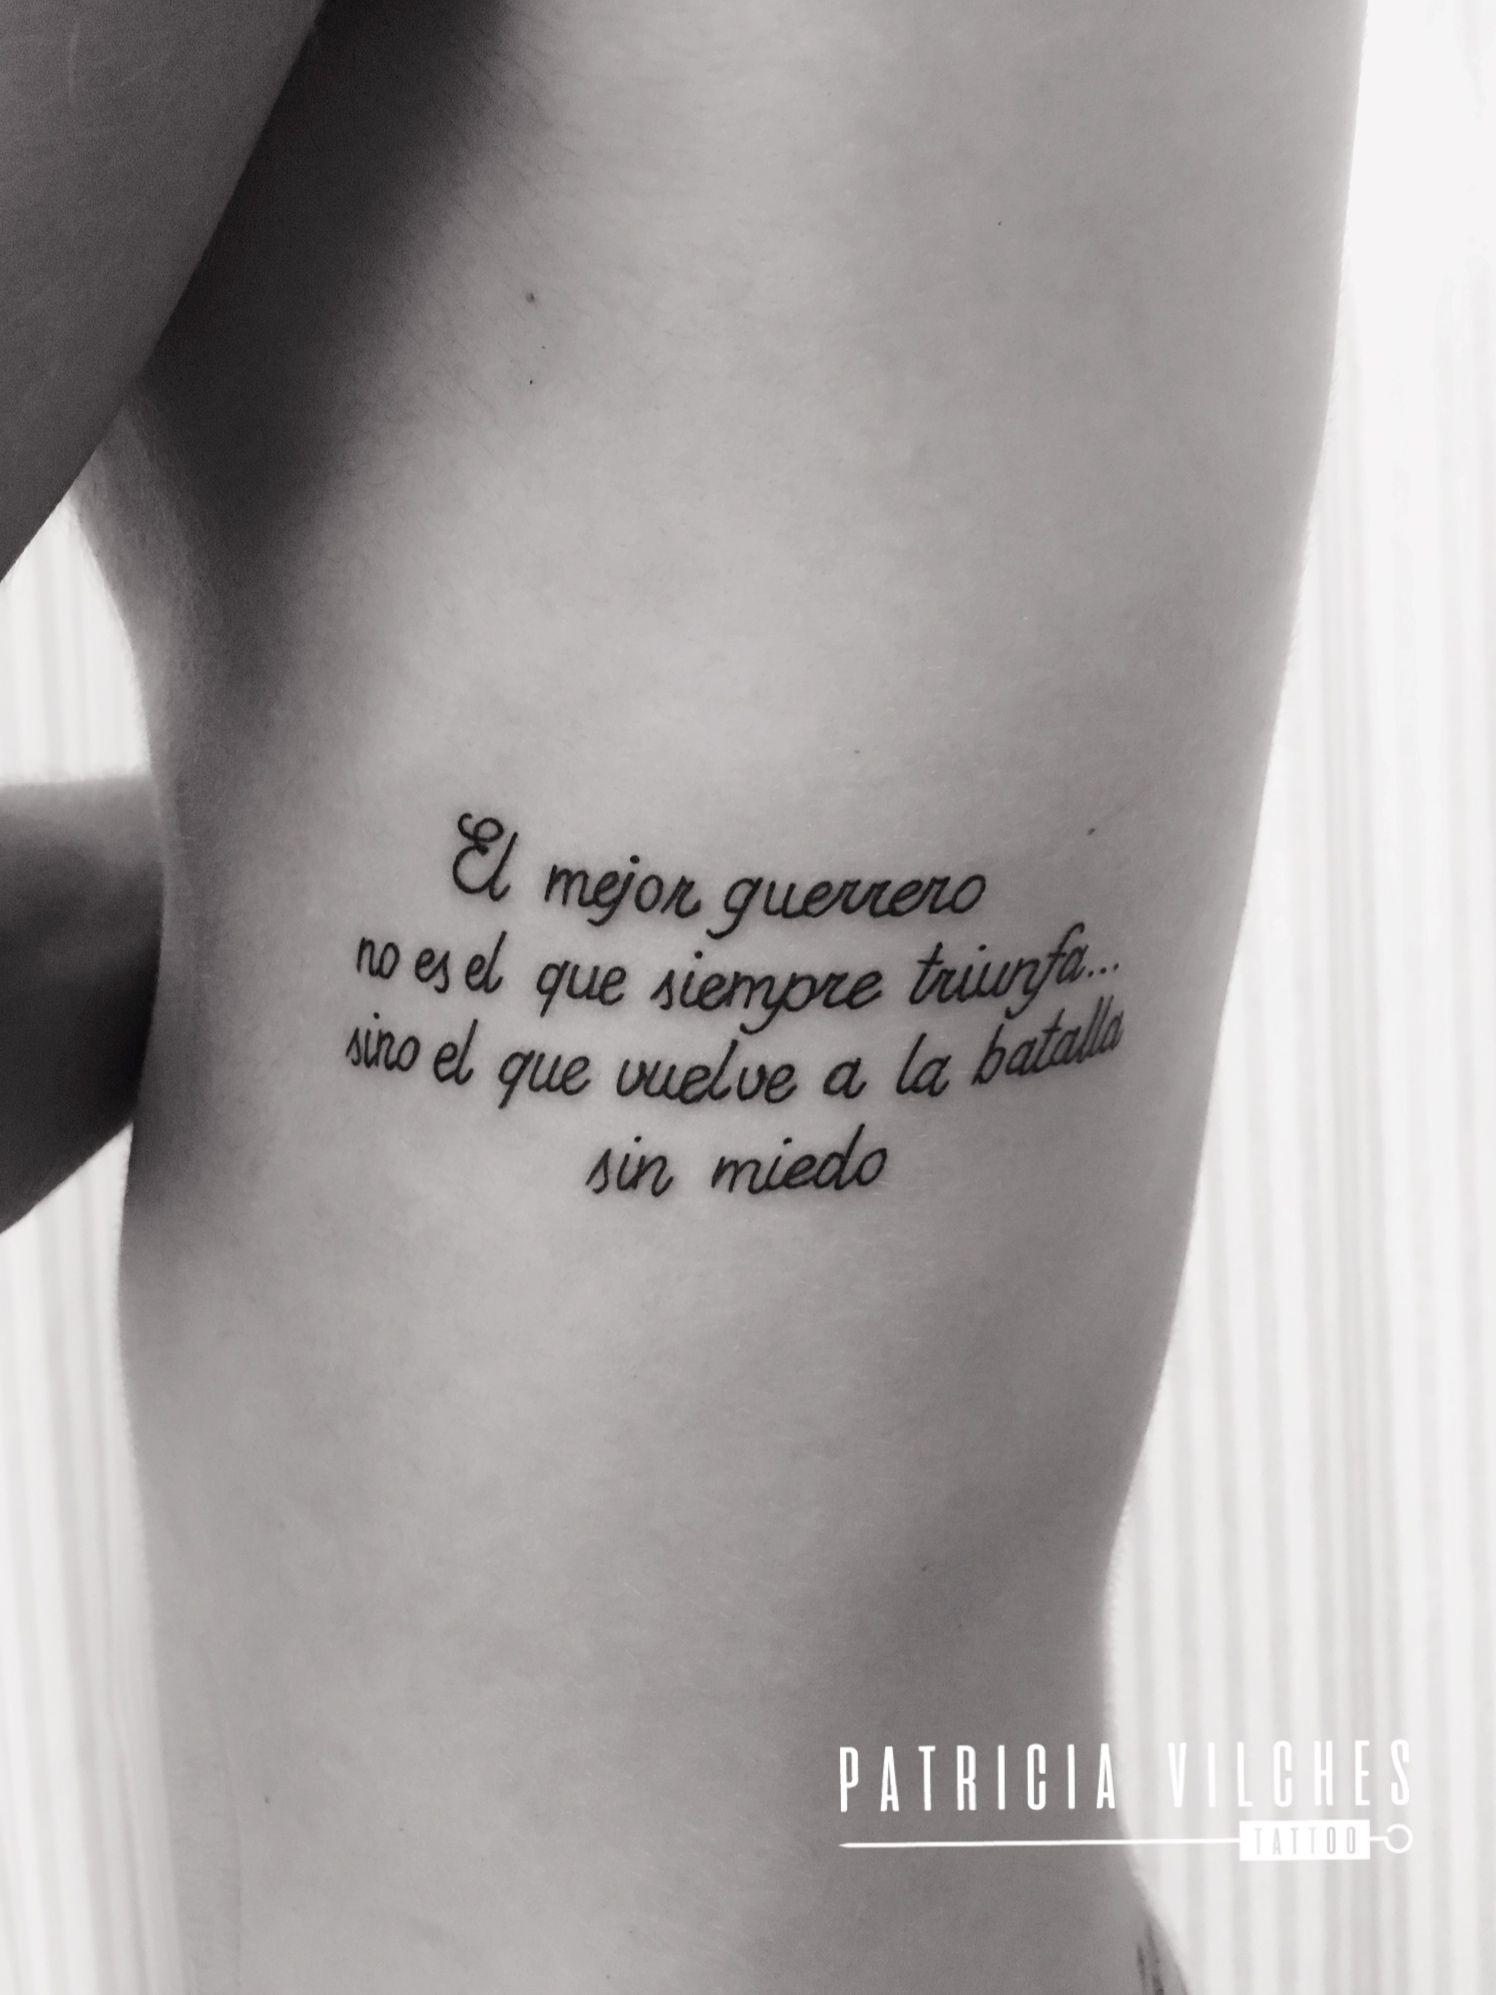 Frase Tattoophrase Tatuajefrase Tatuajes Frases Brazo Tatuajes Escritos Frases Para Tatuajes Hombres